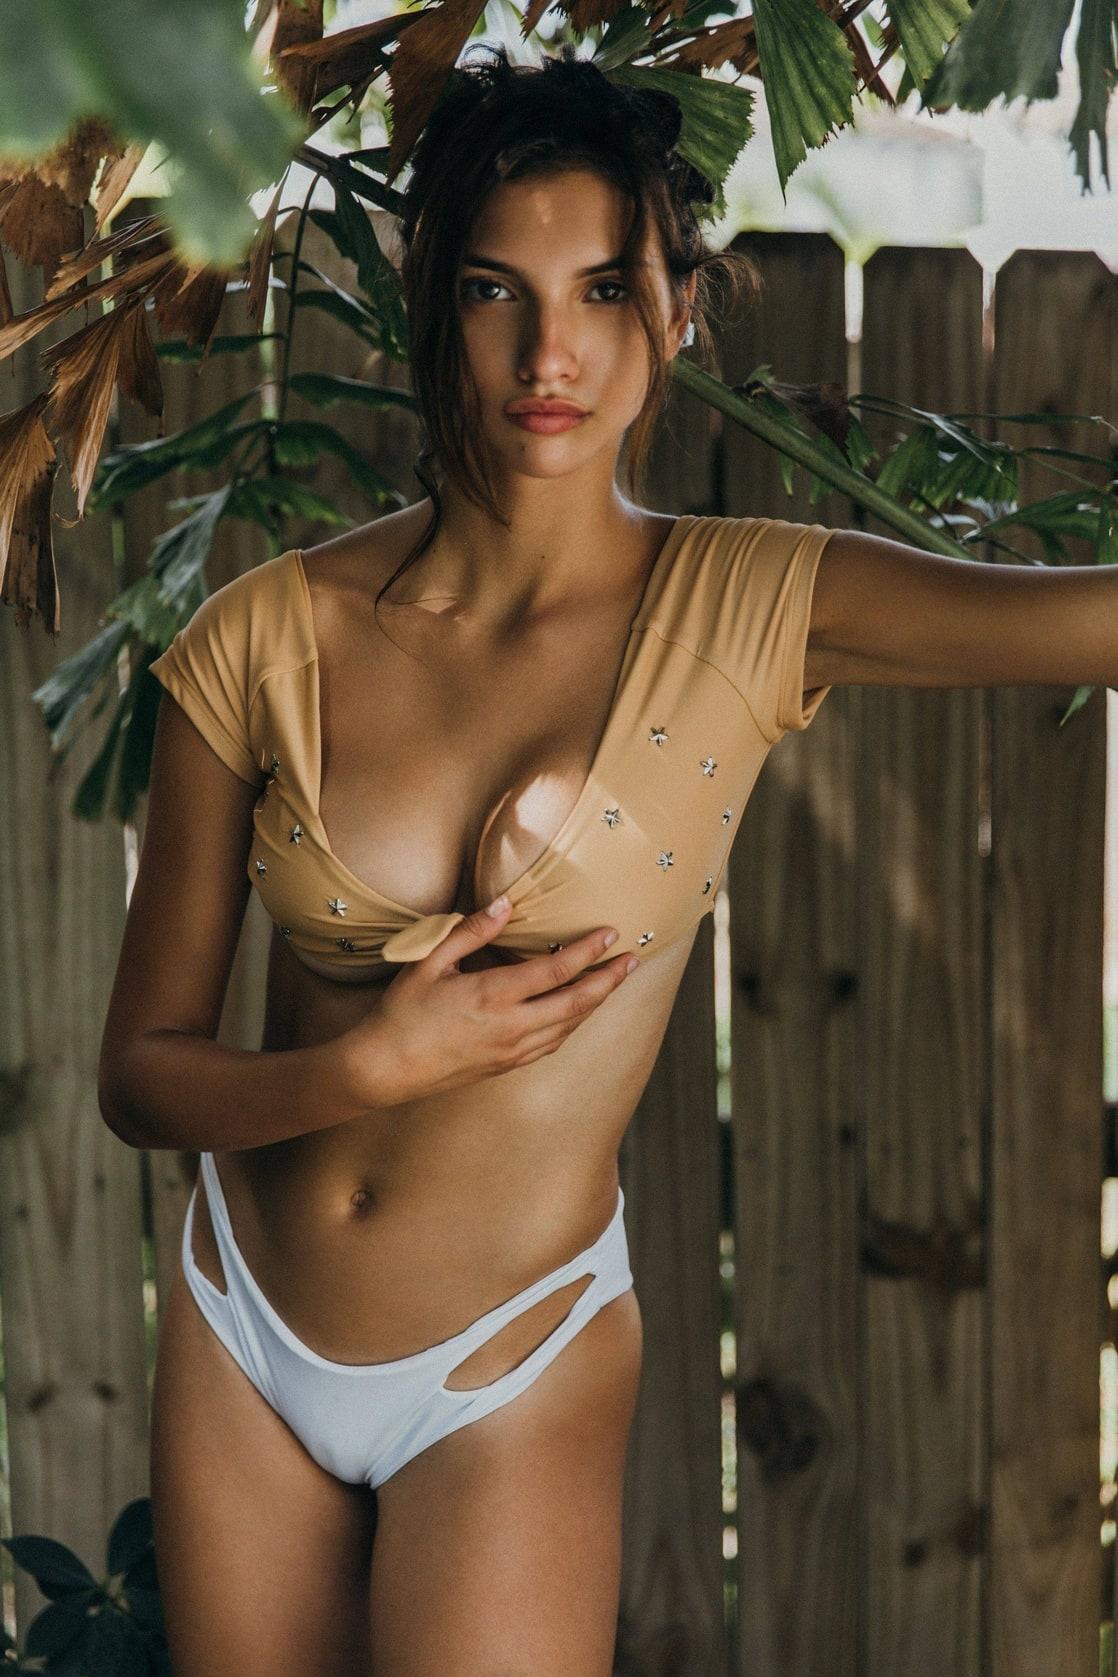 Chanel Postrel nudes (11 pics) Tits, Twitter, bra